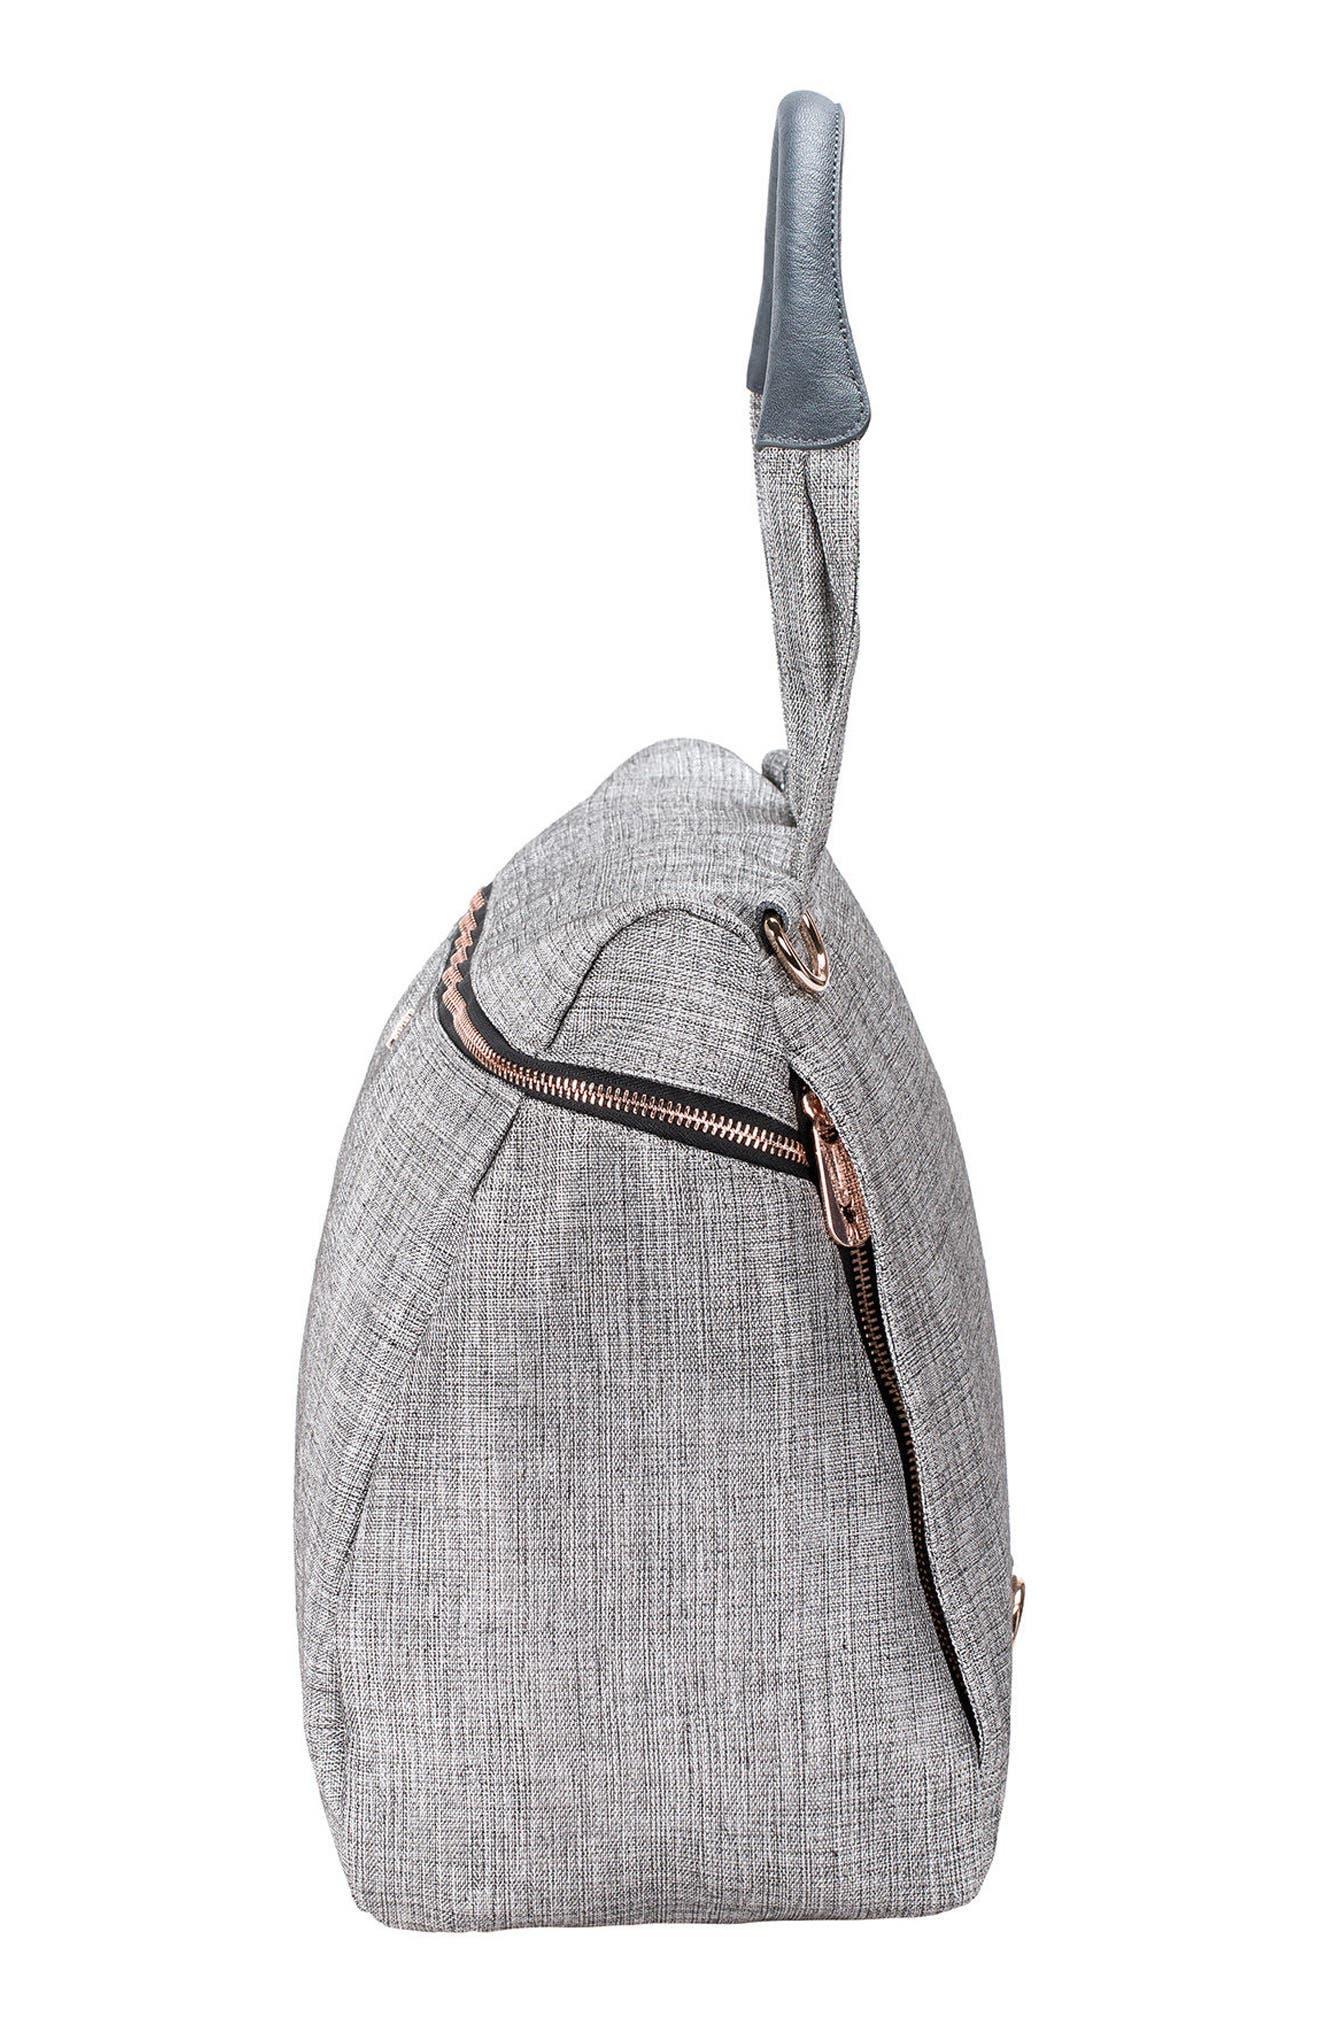 Glam Rosie Diaper Bag,                             Alternate thumbnail 4, color,                             Anthracite Glitter